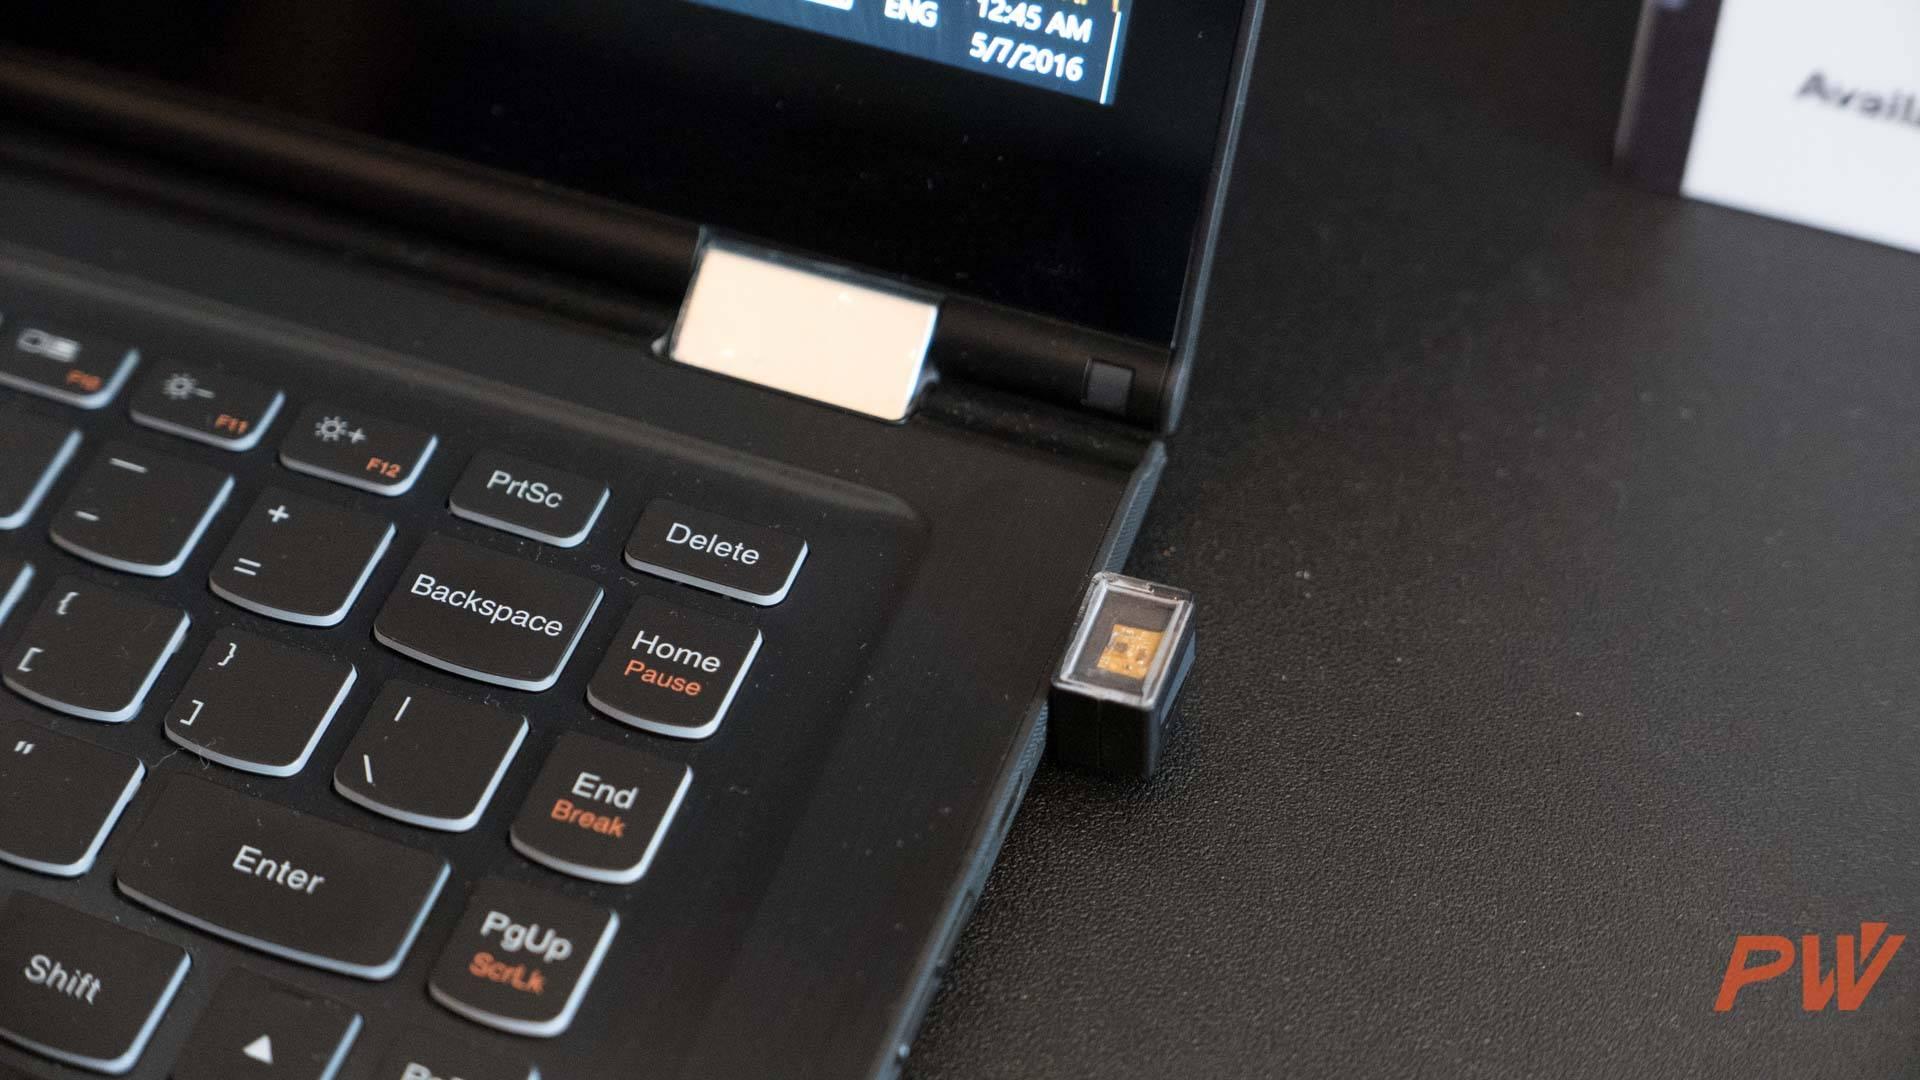 独立的 USB 指纹识别模组,支持 Windows Hello 和 Microsoft passport。